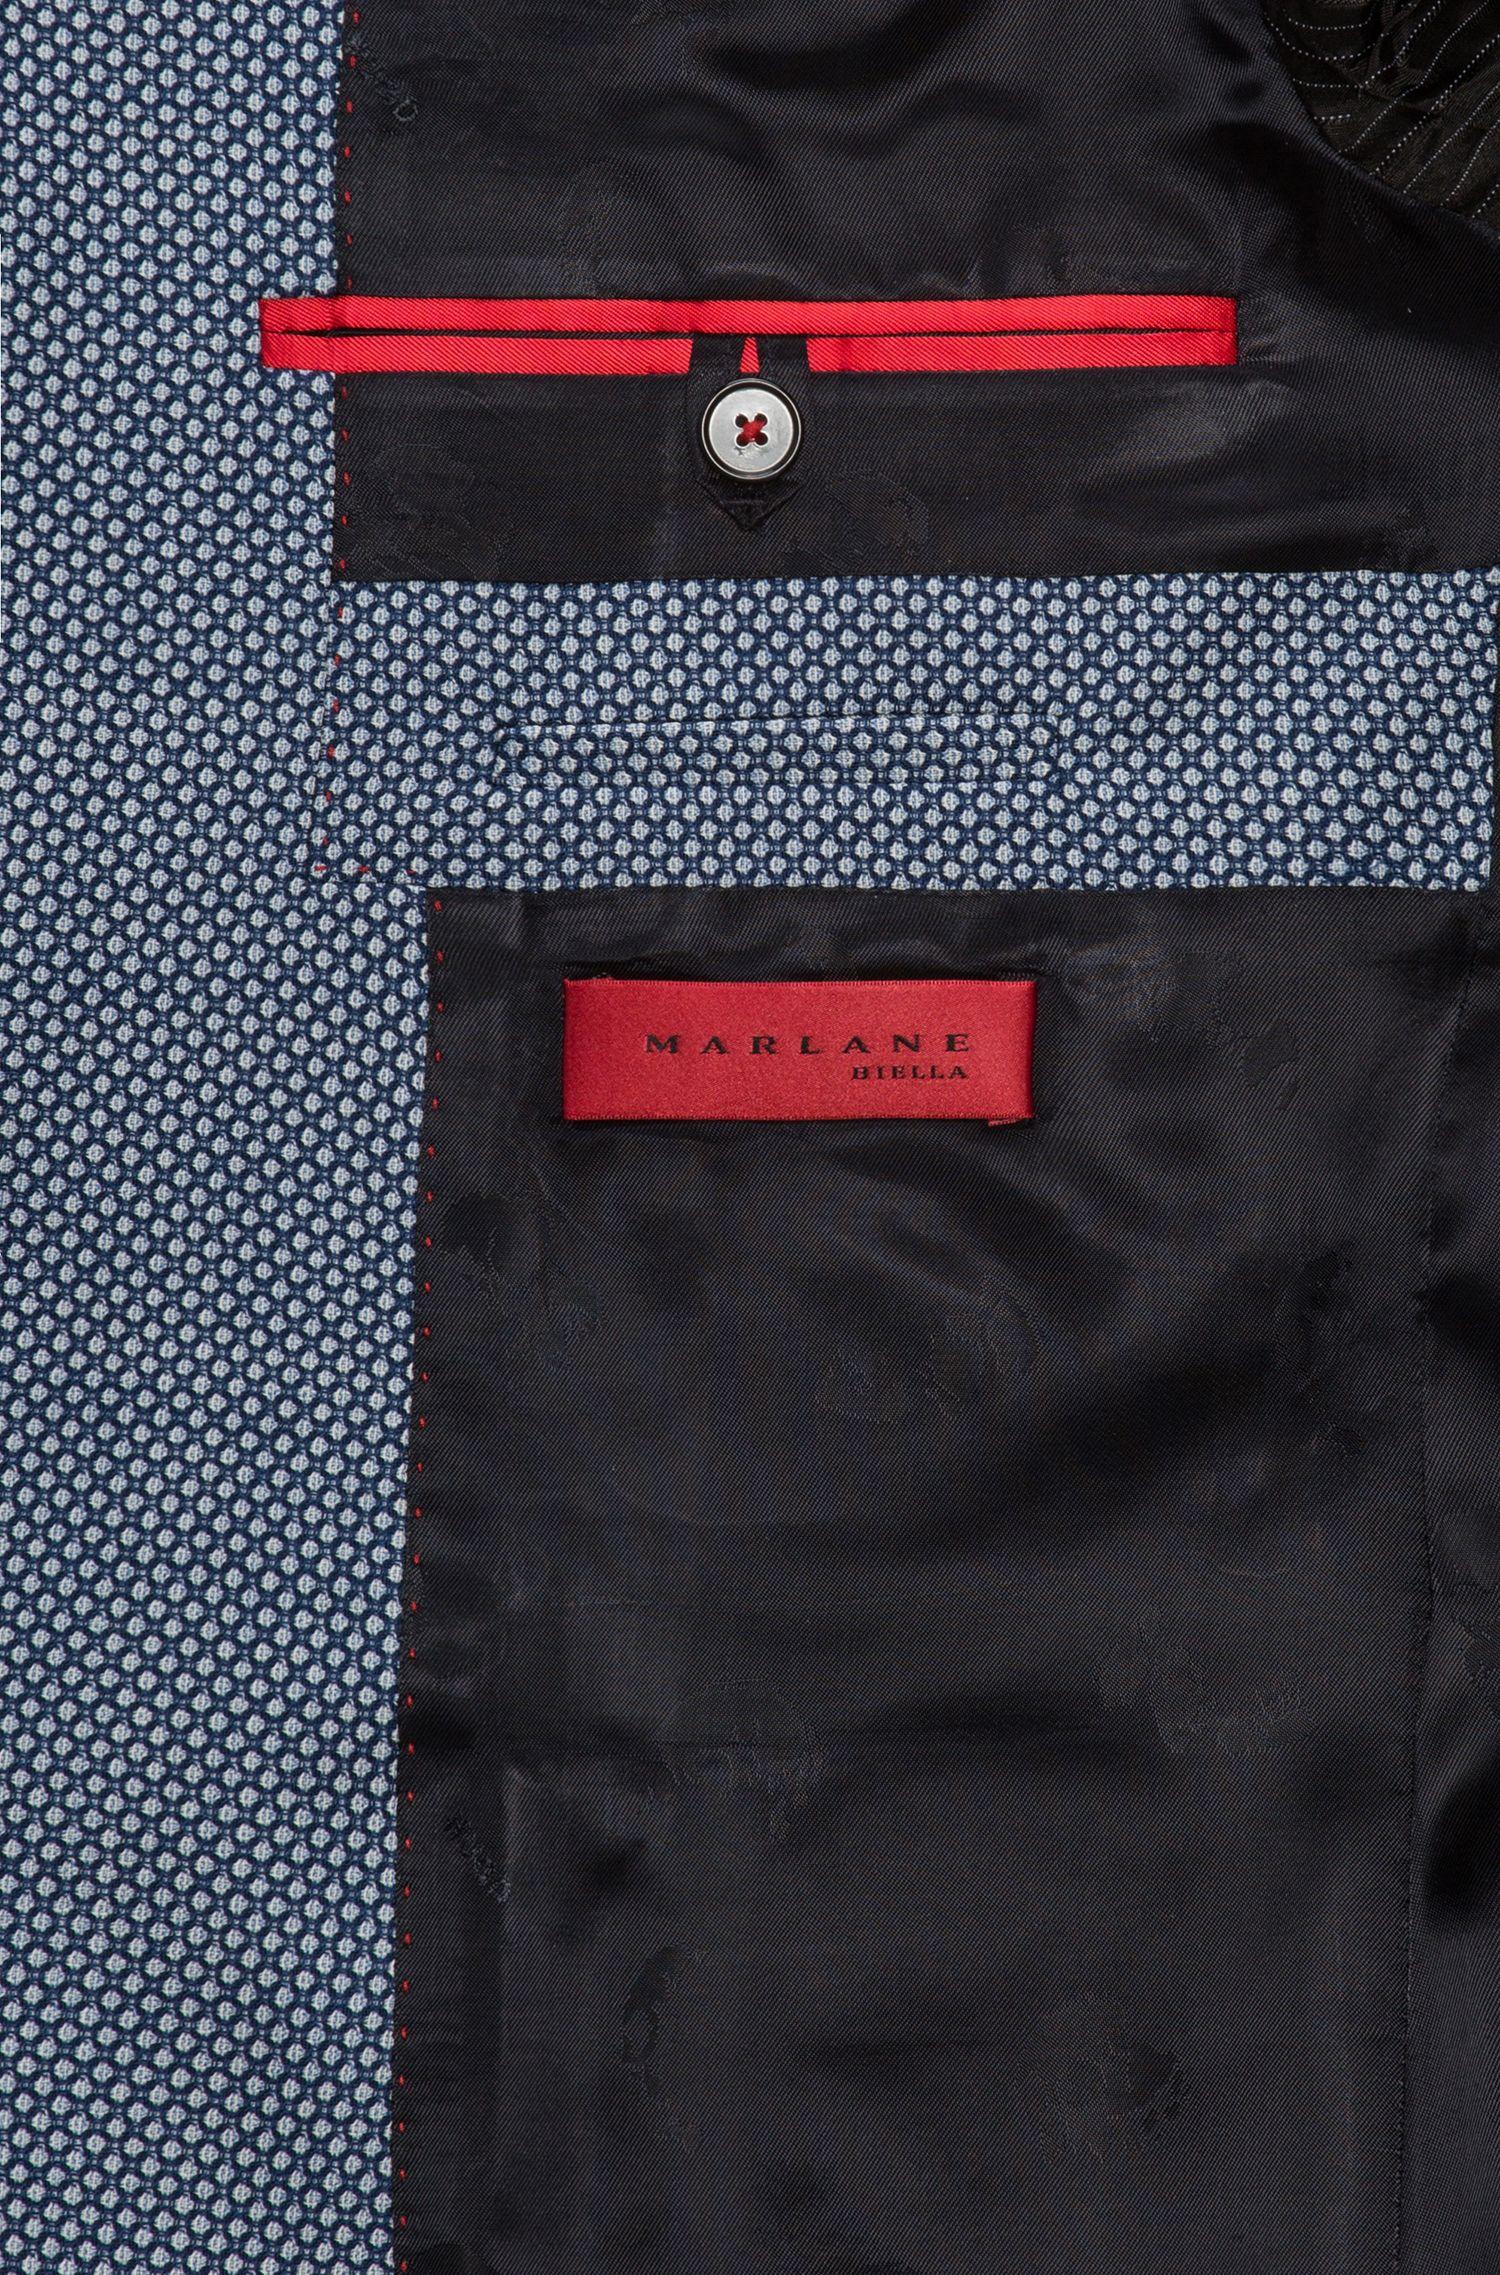 Extra-slim-fit virgin wool jacket in oversized birdseye pattern